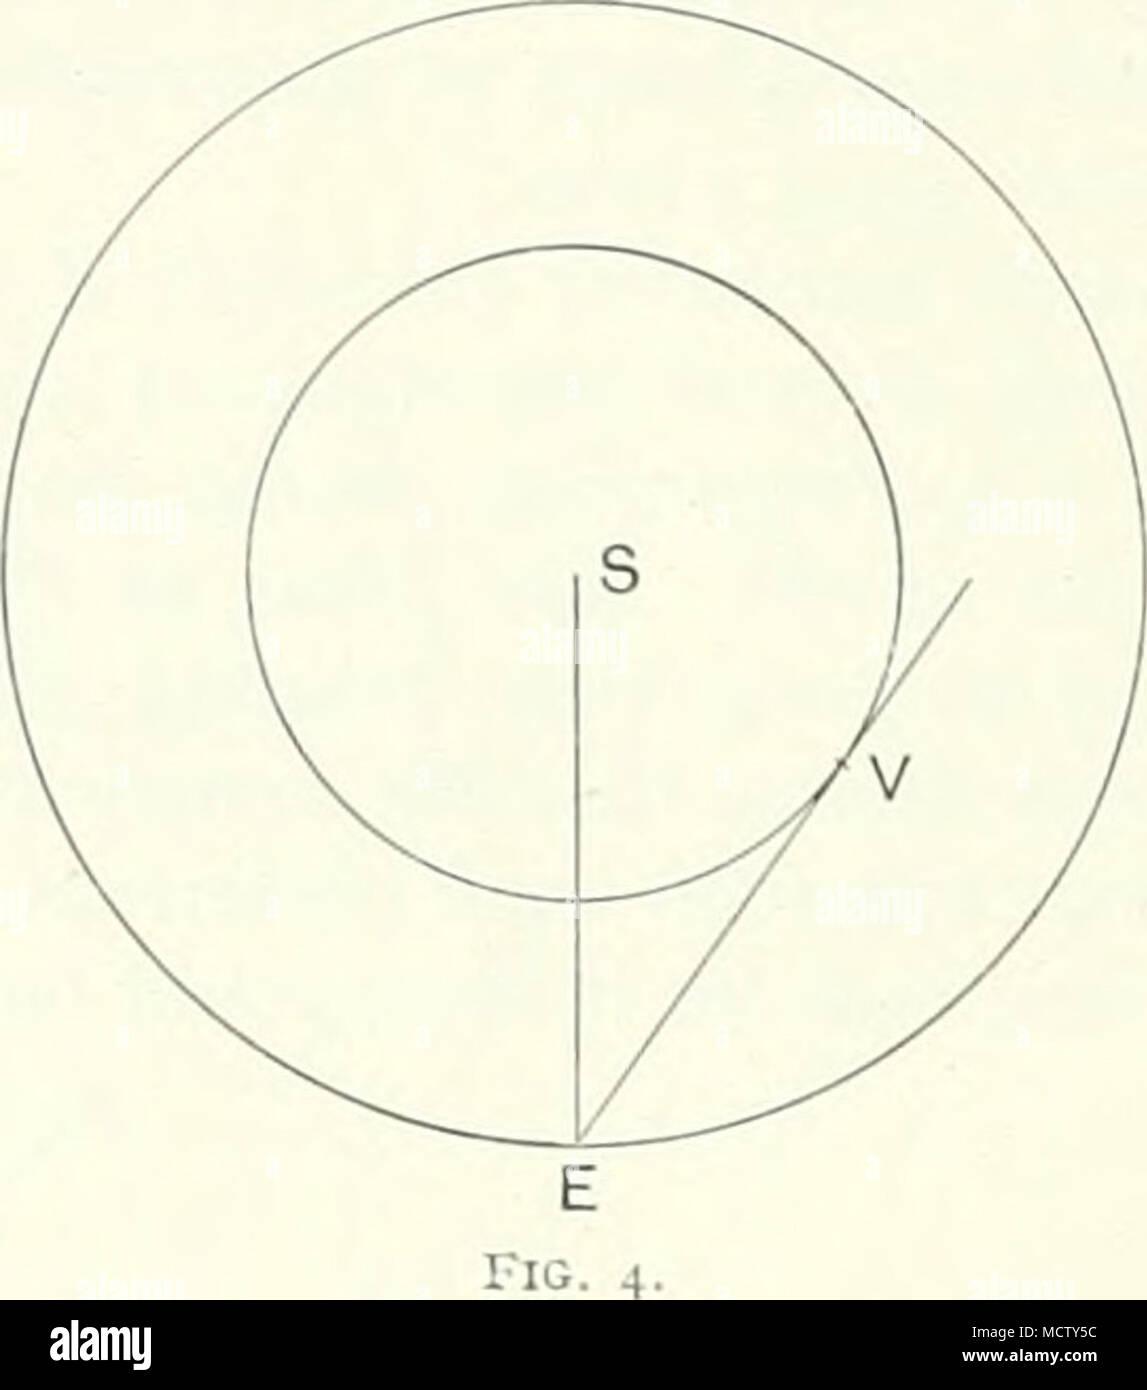 Ausgezeichnet 3 Wege Lichtdiagramm Galerie - Der Schaltplan ...